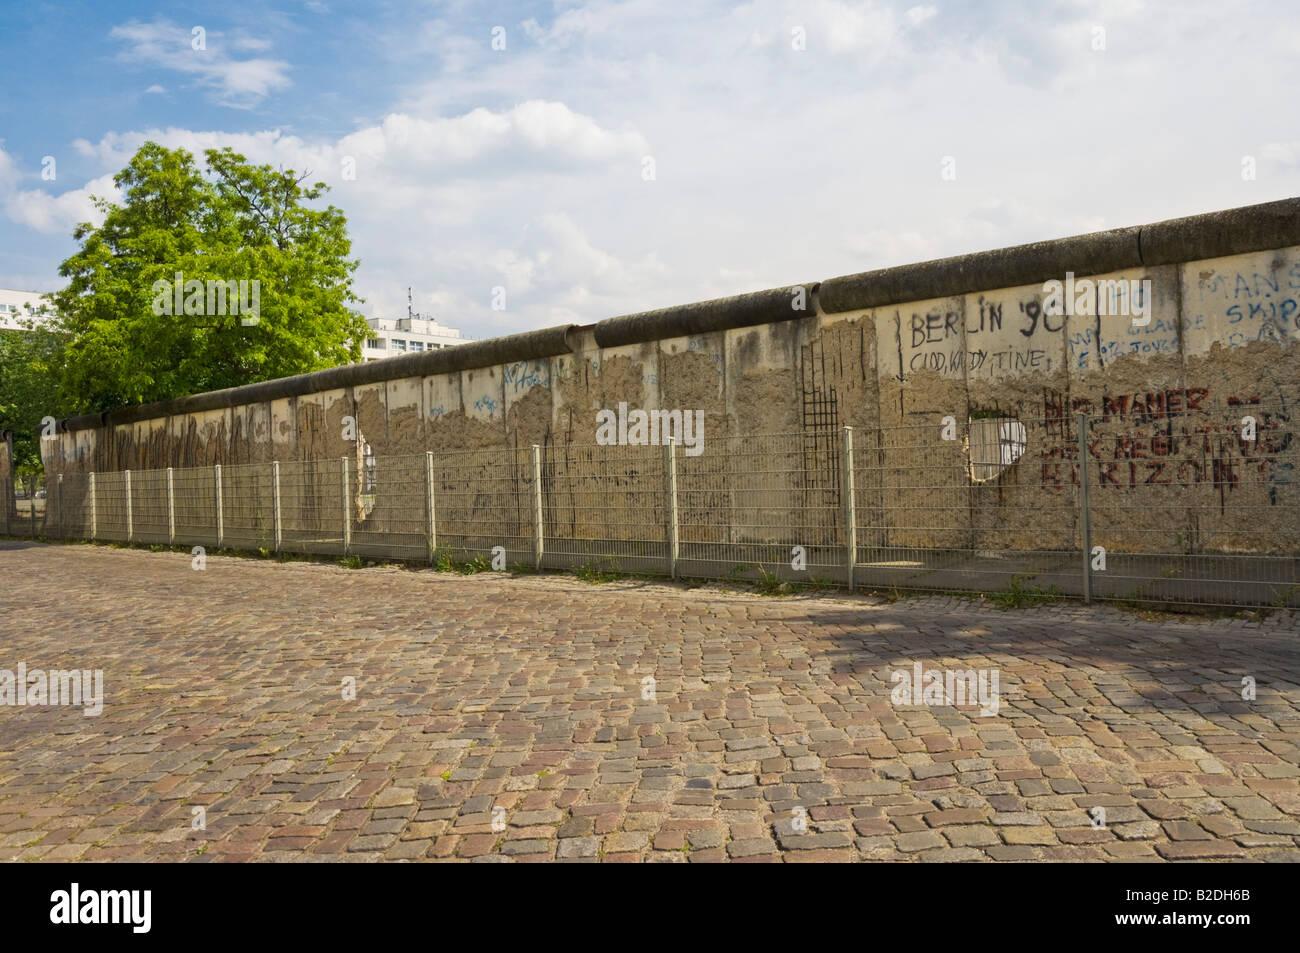 Reste der Berliner Mauer in der Nähe von Checkpoint Charlie Niederkirchner Straße Berlin-Mitte Deutschland Stockbild